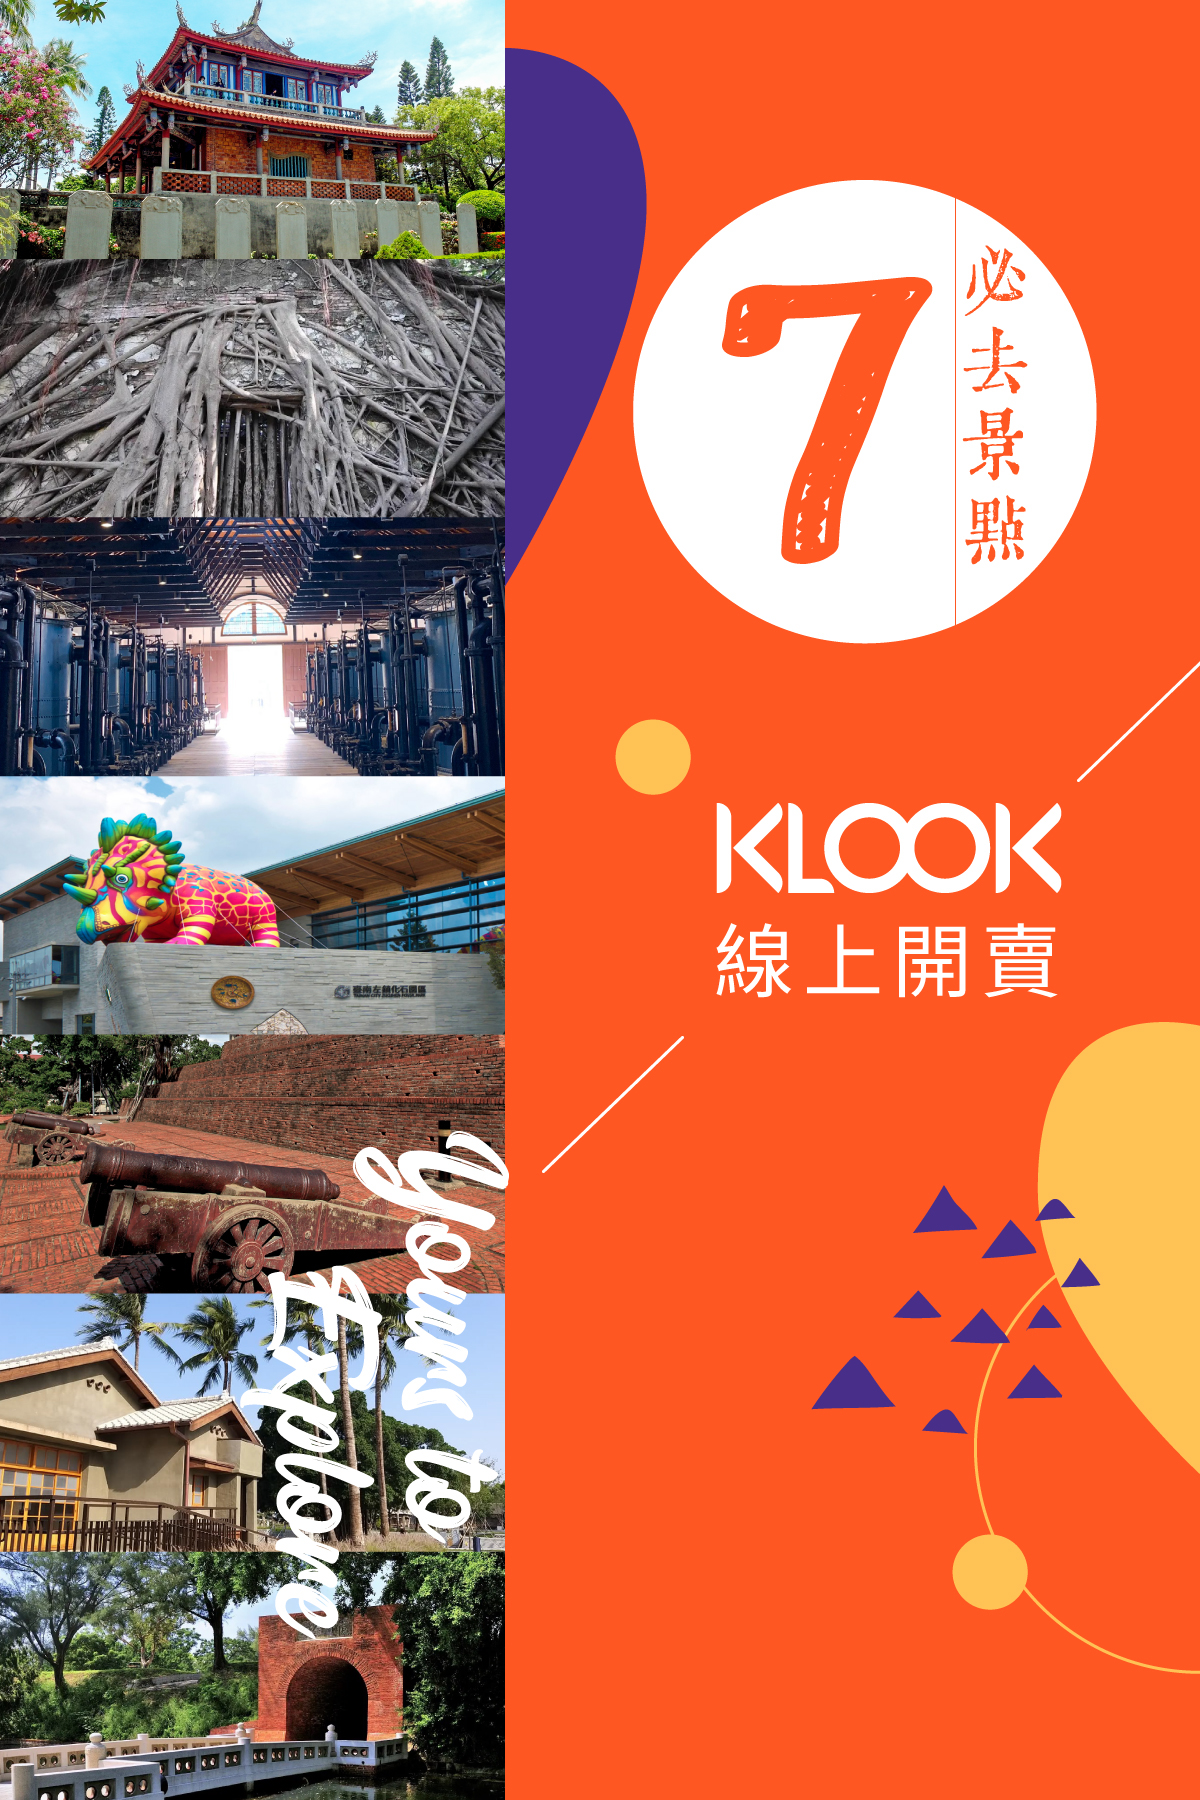 臺南必遊8景點 KLOOK線上獨賣